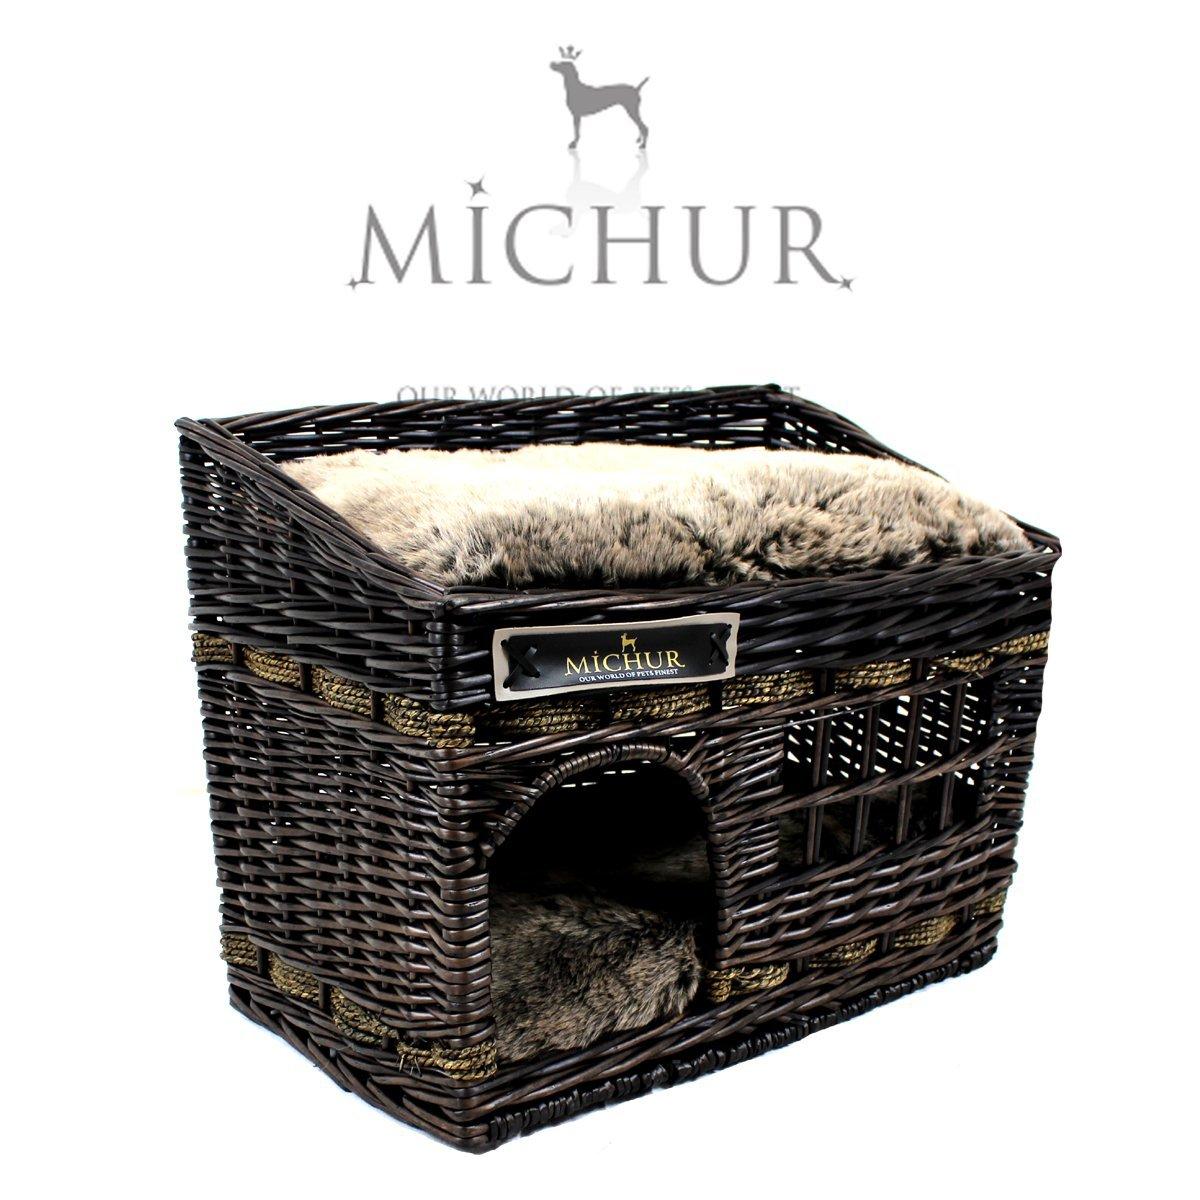 MICHUR JERRY , Cama del perro, cama del gato, cesta del gato, cesta del perro, sauce, cueva, mimbre, marrón